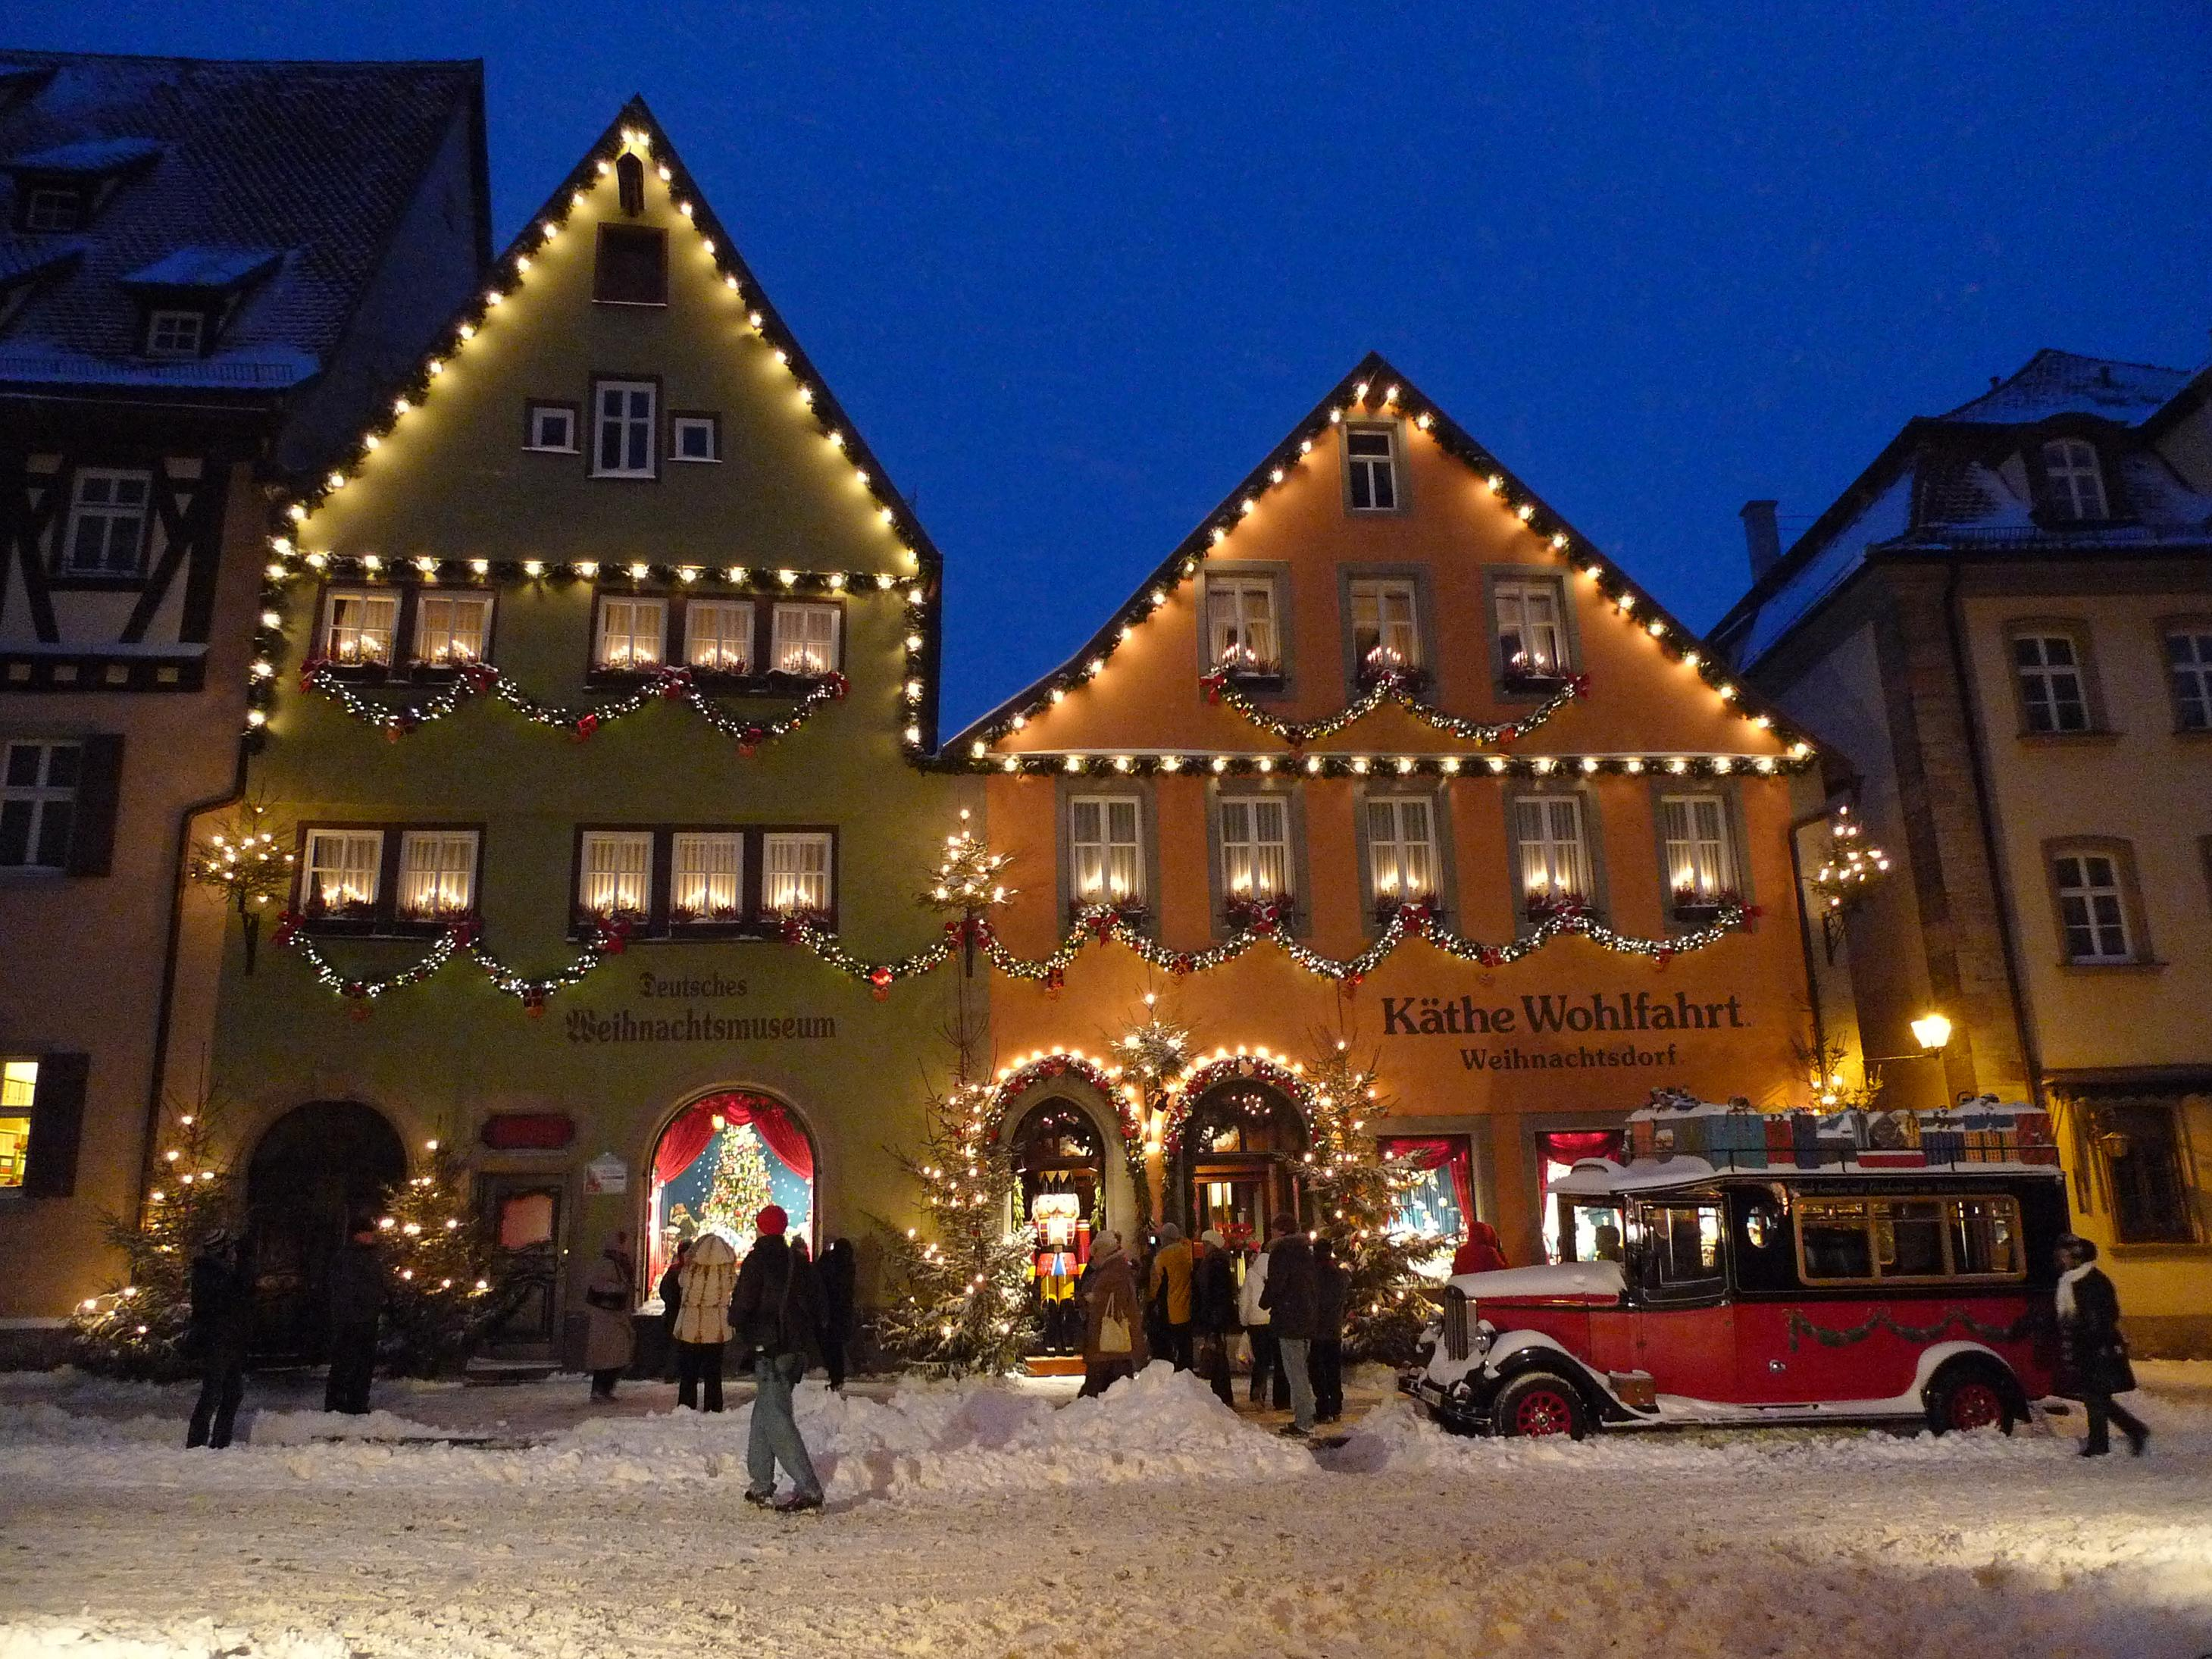 Käthe Wohlfahrt Deutsches Weihnachtsmuseum